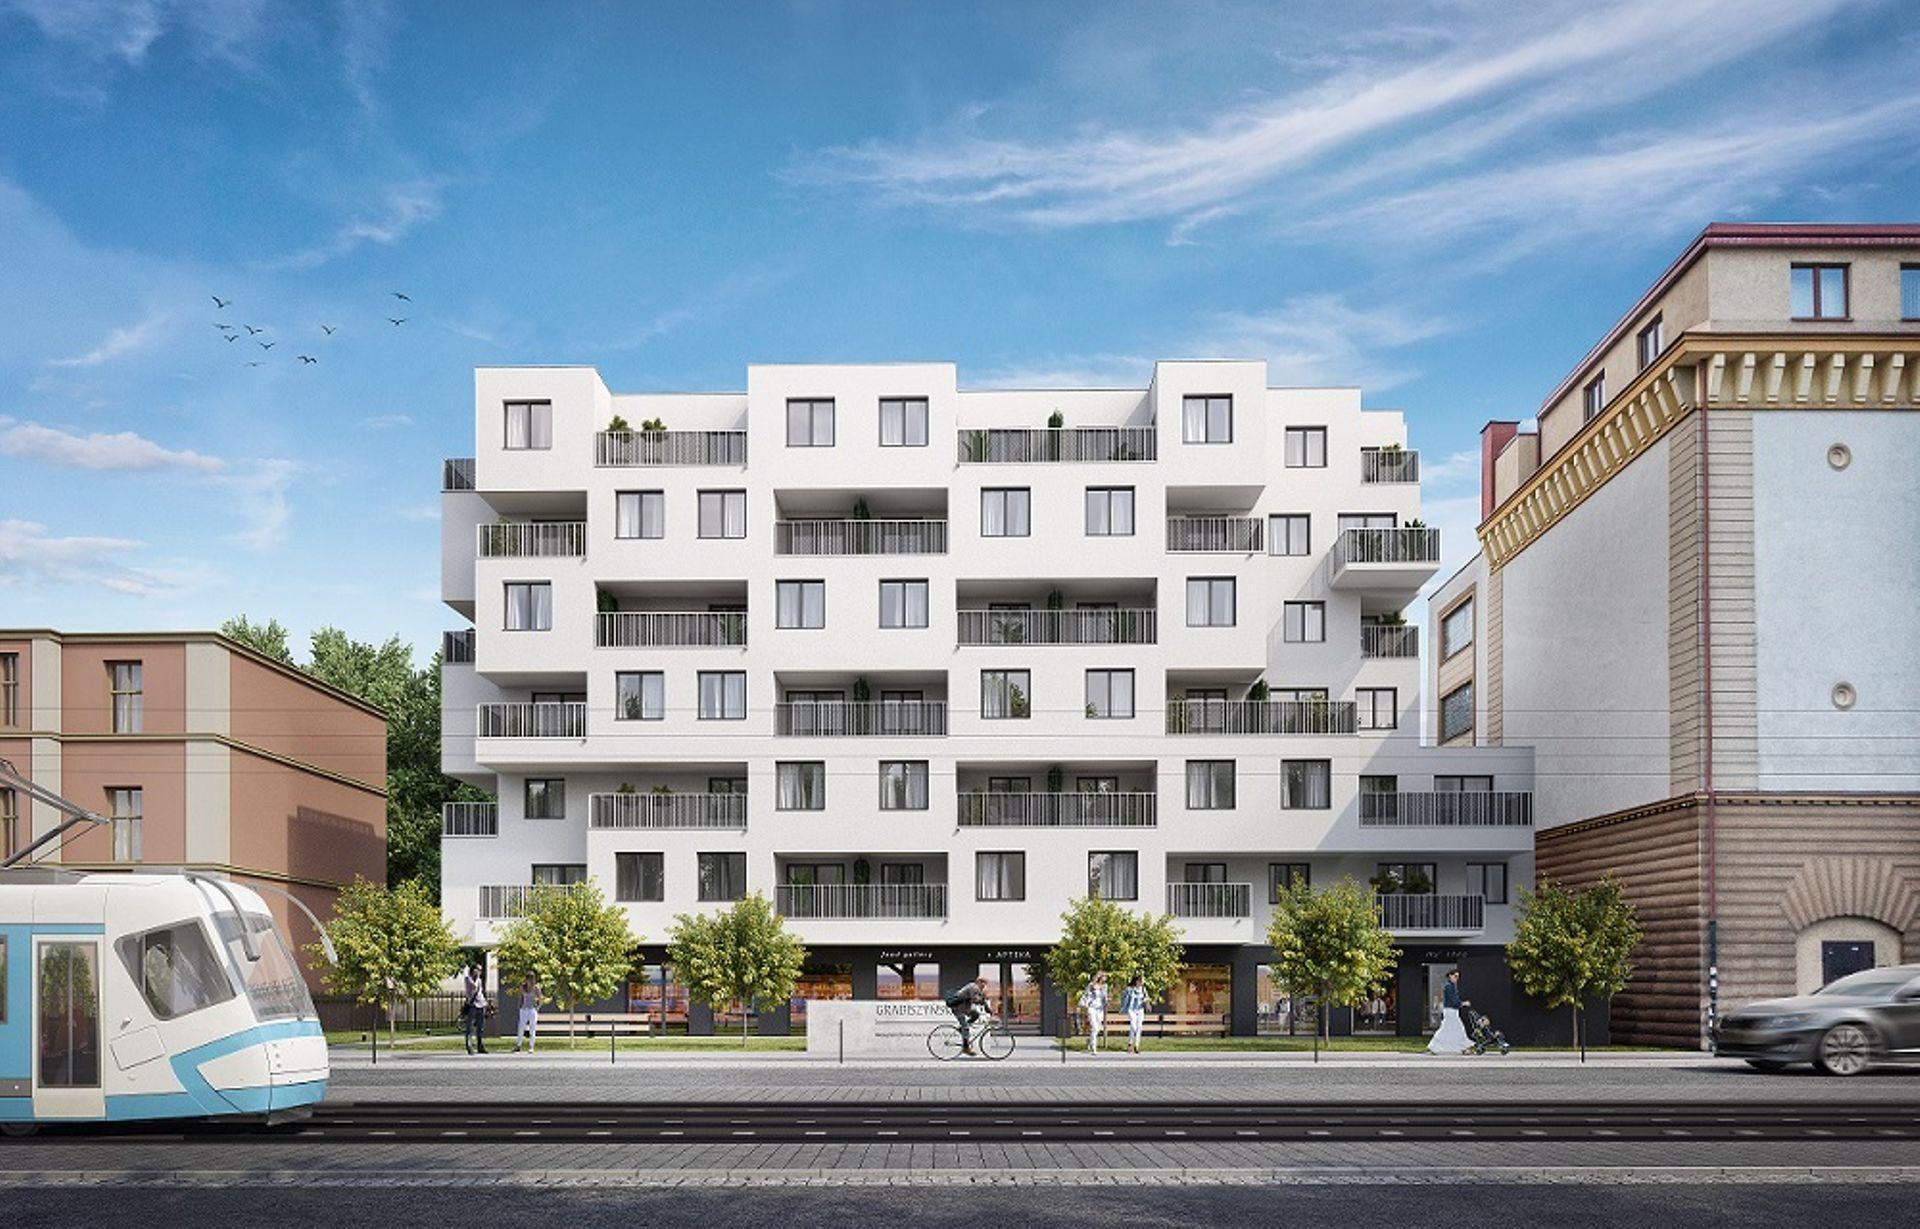 Wrocław: Grabiszyńska 141 – Dom Development buduje mieszkania w sąsiedztwie schronu